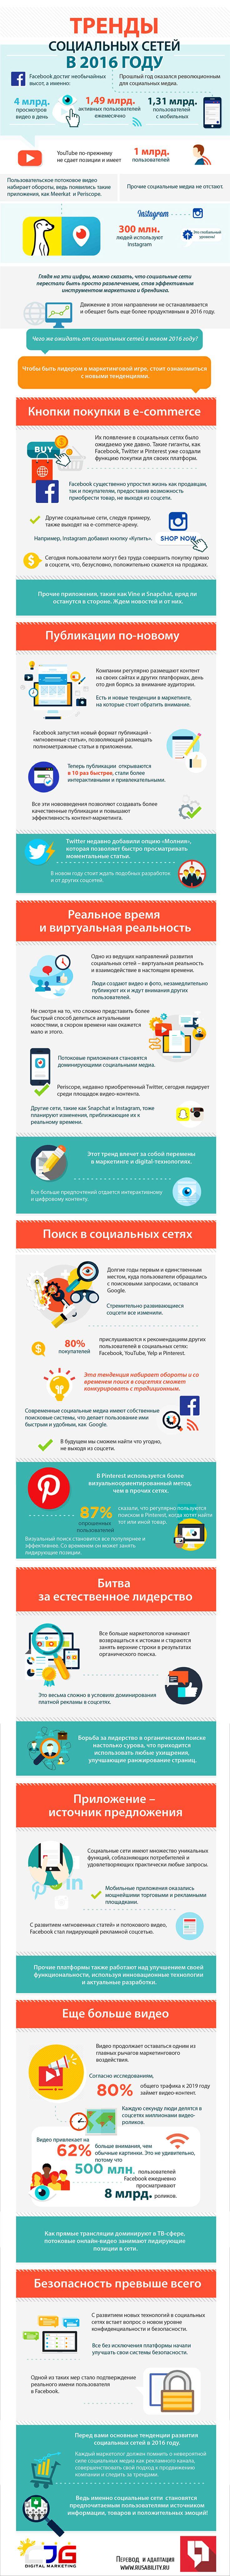 Интернет-маркетинг, SMM, e-commerce, соцсети, приложения, социальные сети, Facebook, Meerkat, Periscope, Twitter, Pinterest, Vine, Snapchat, Instagram